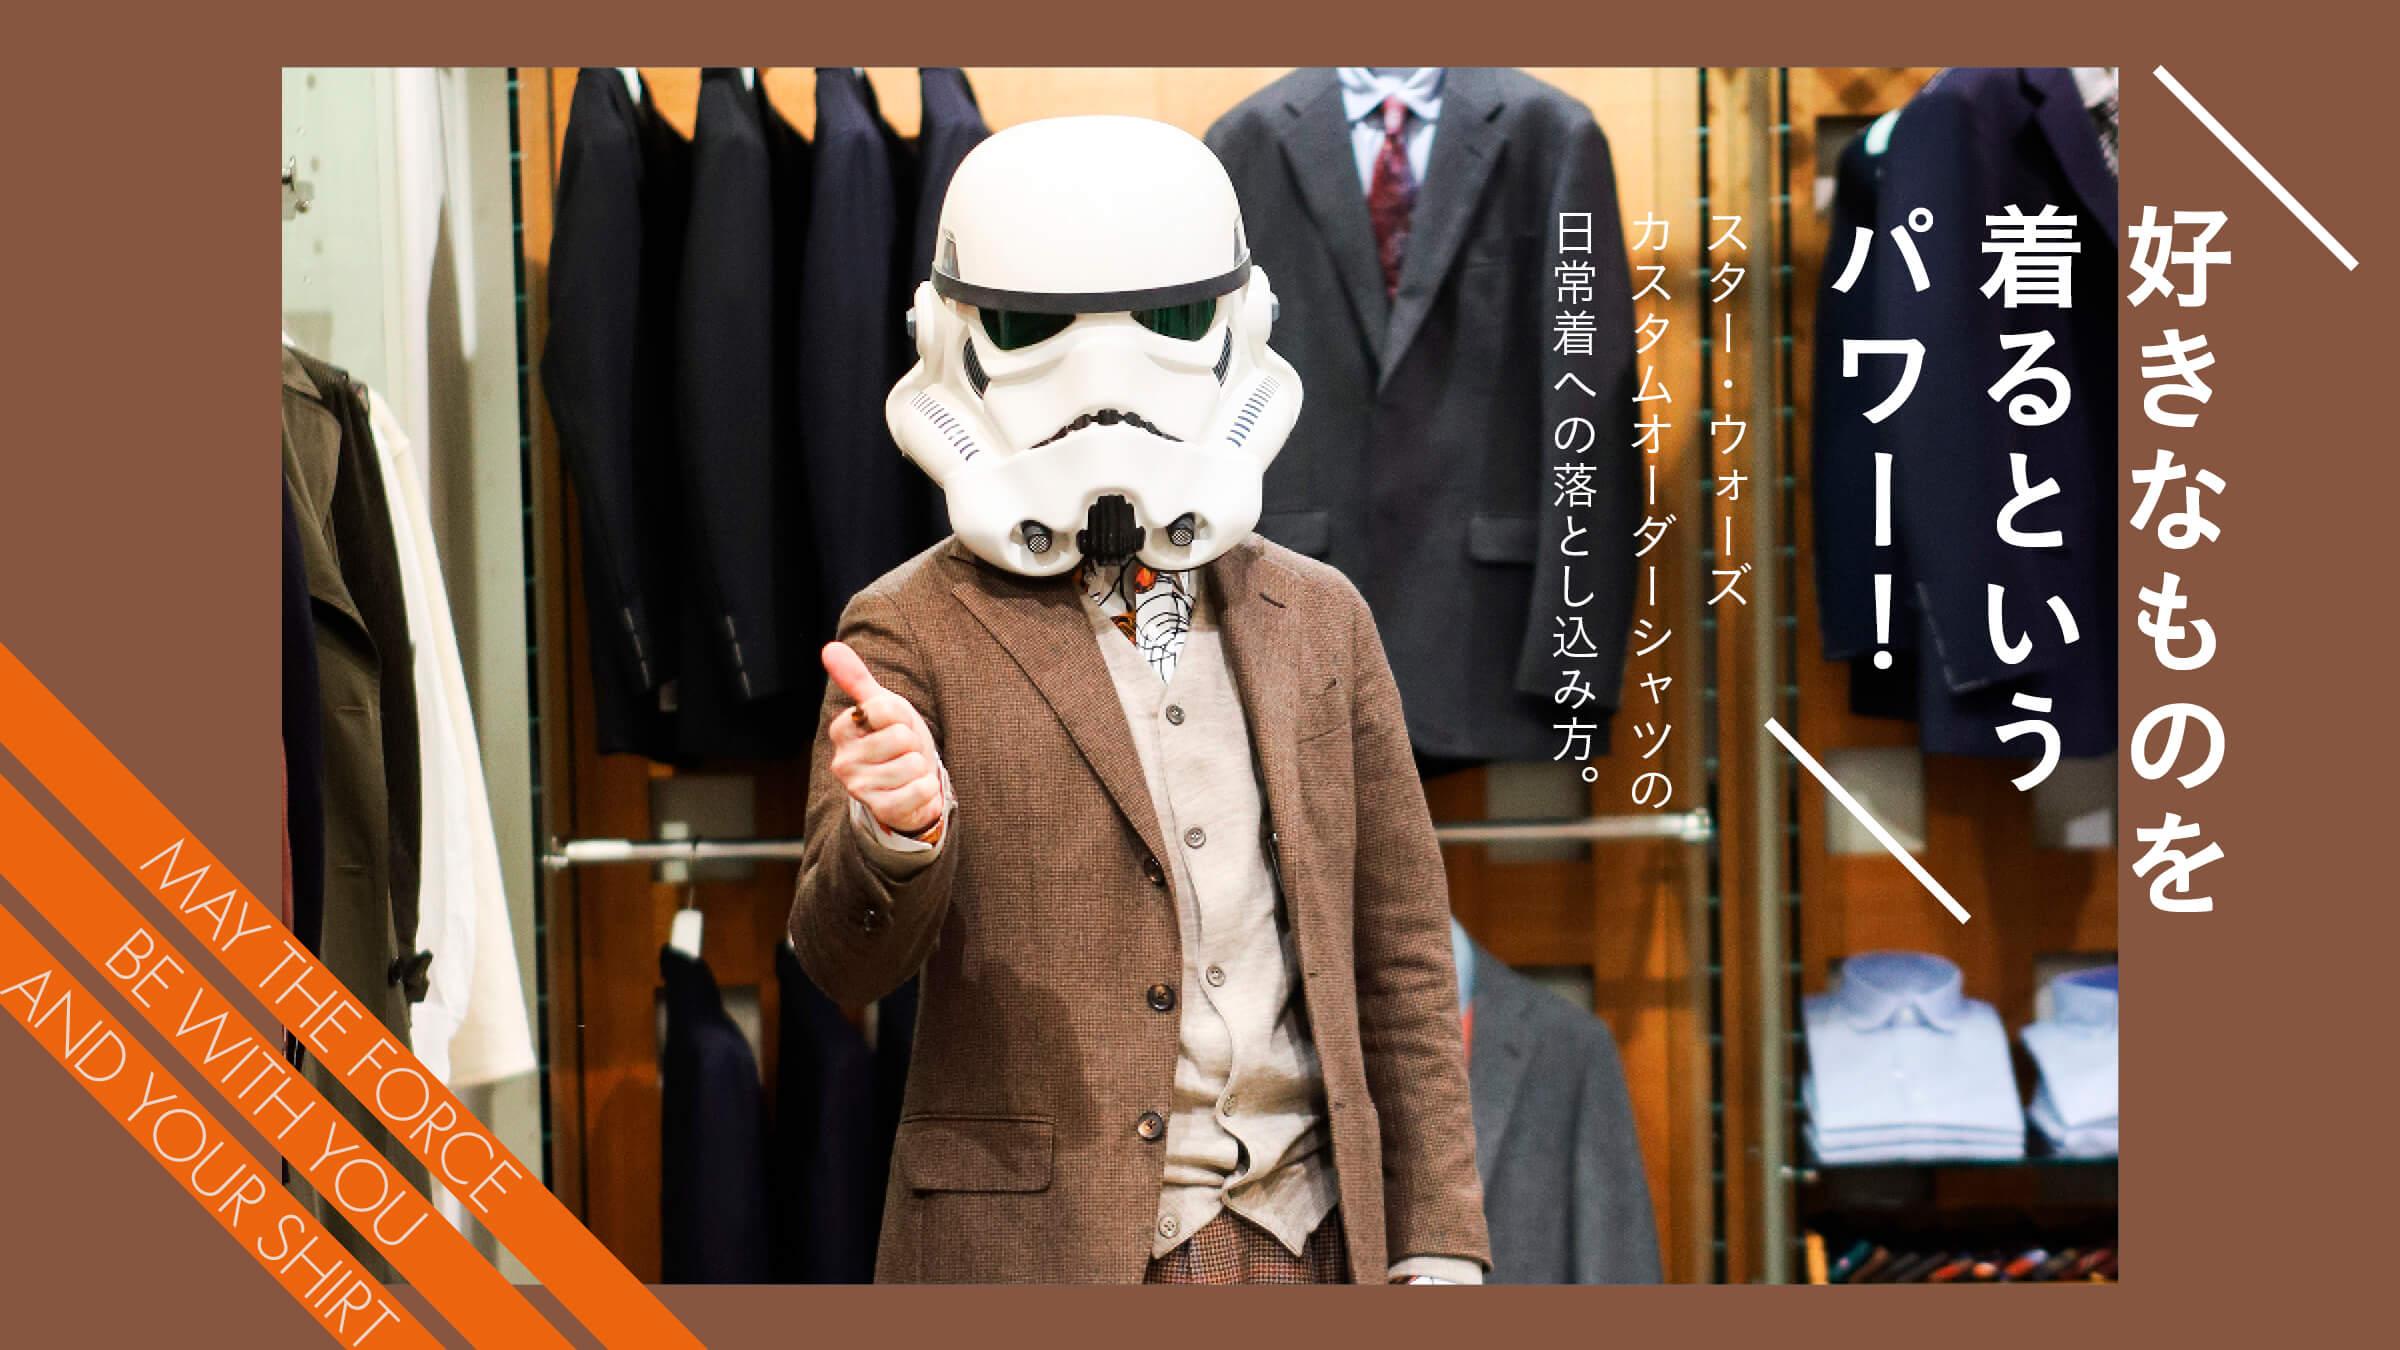 好きなものを着るというパワー! スター・ウォーズカスタムオーダーシャツの日常着への落とし込み方。